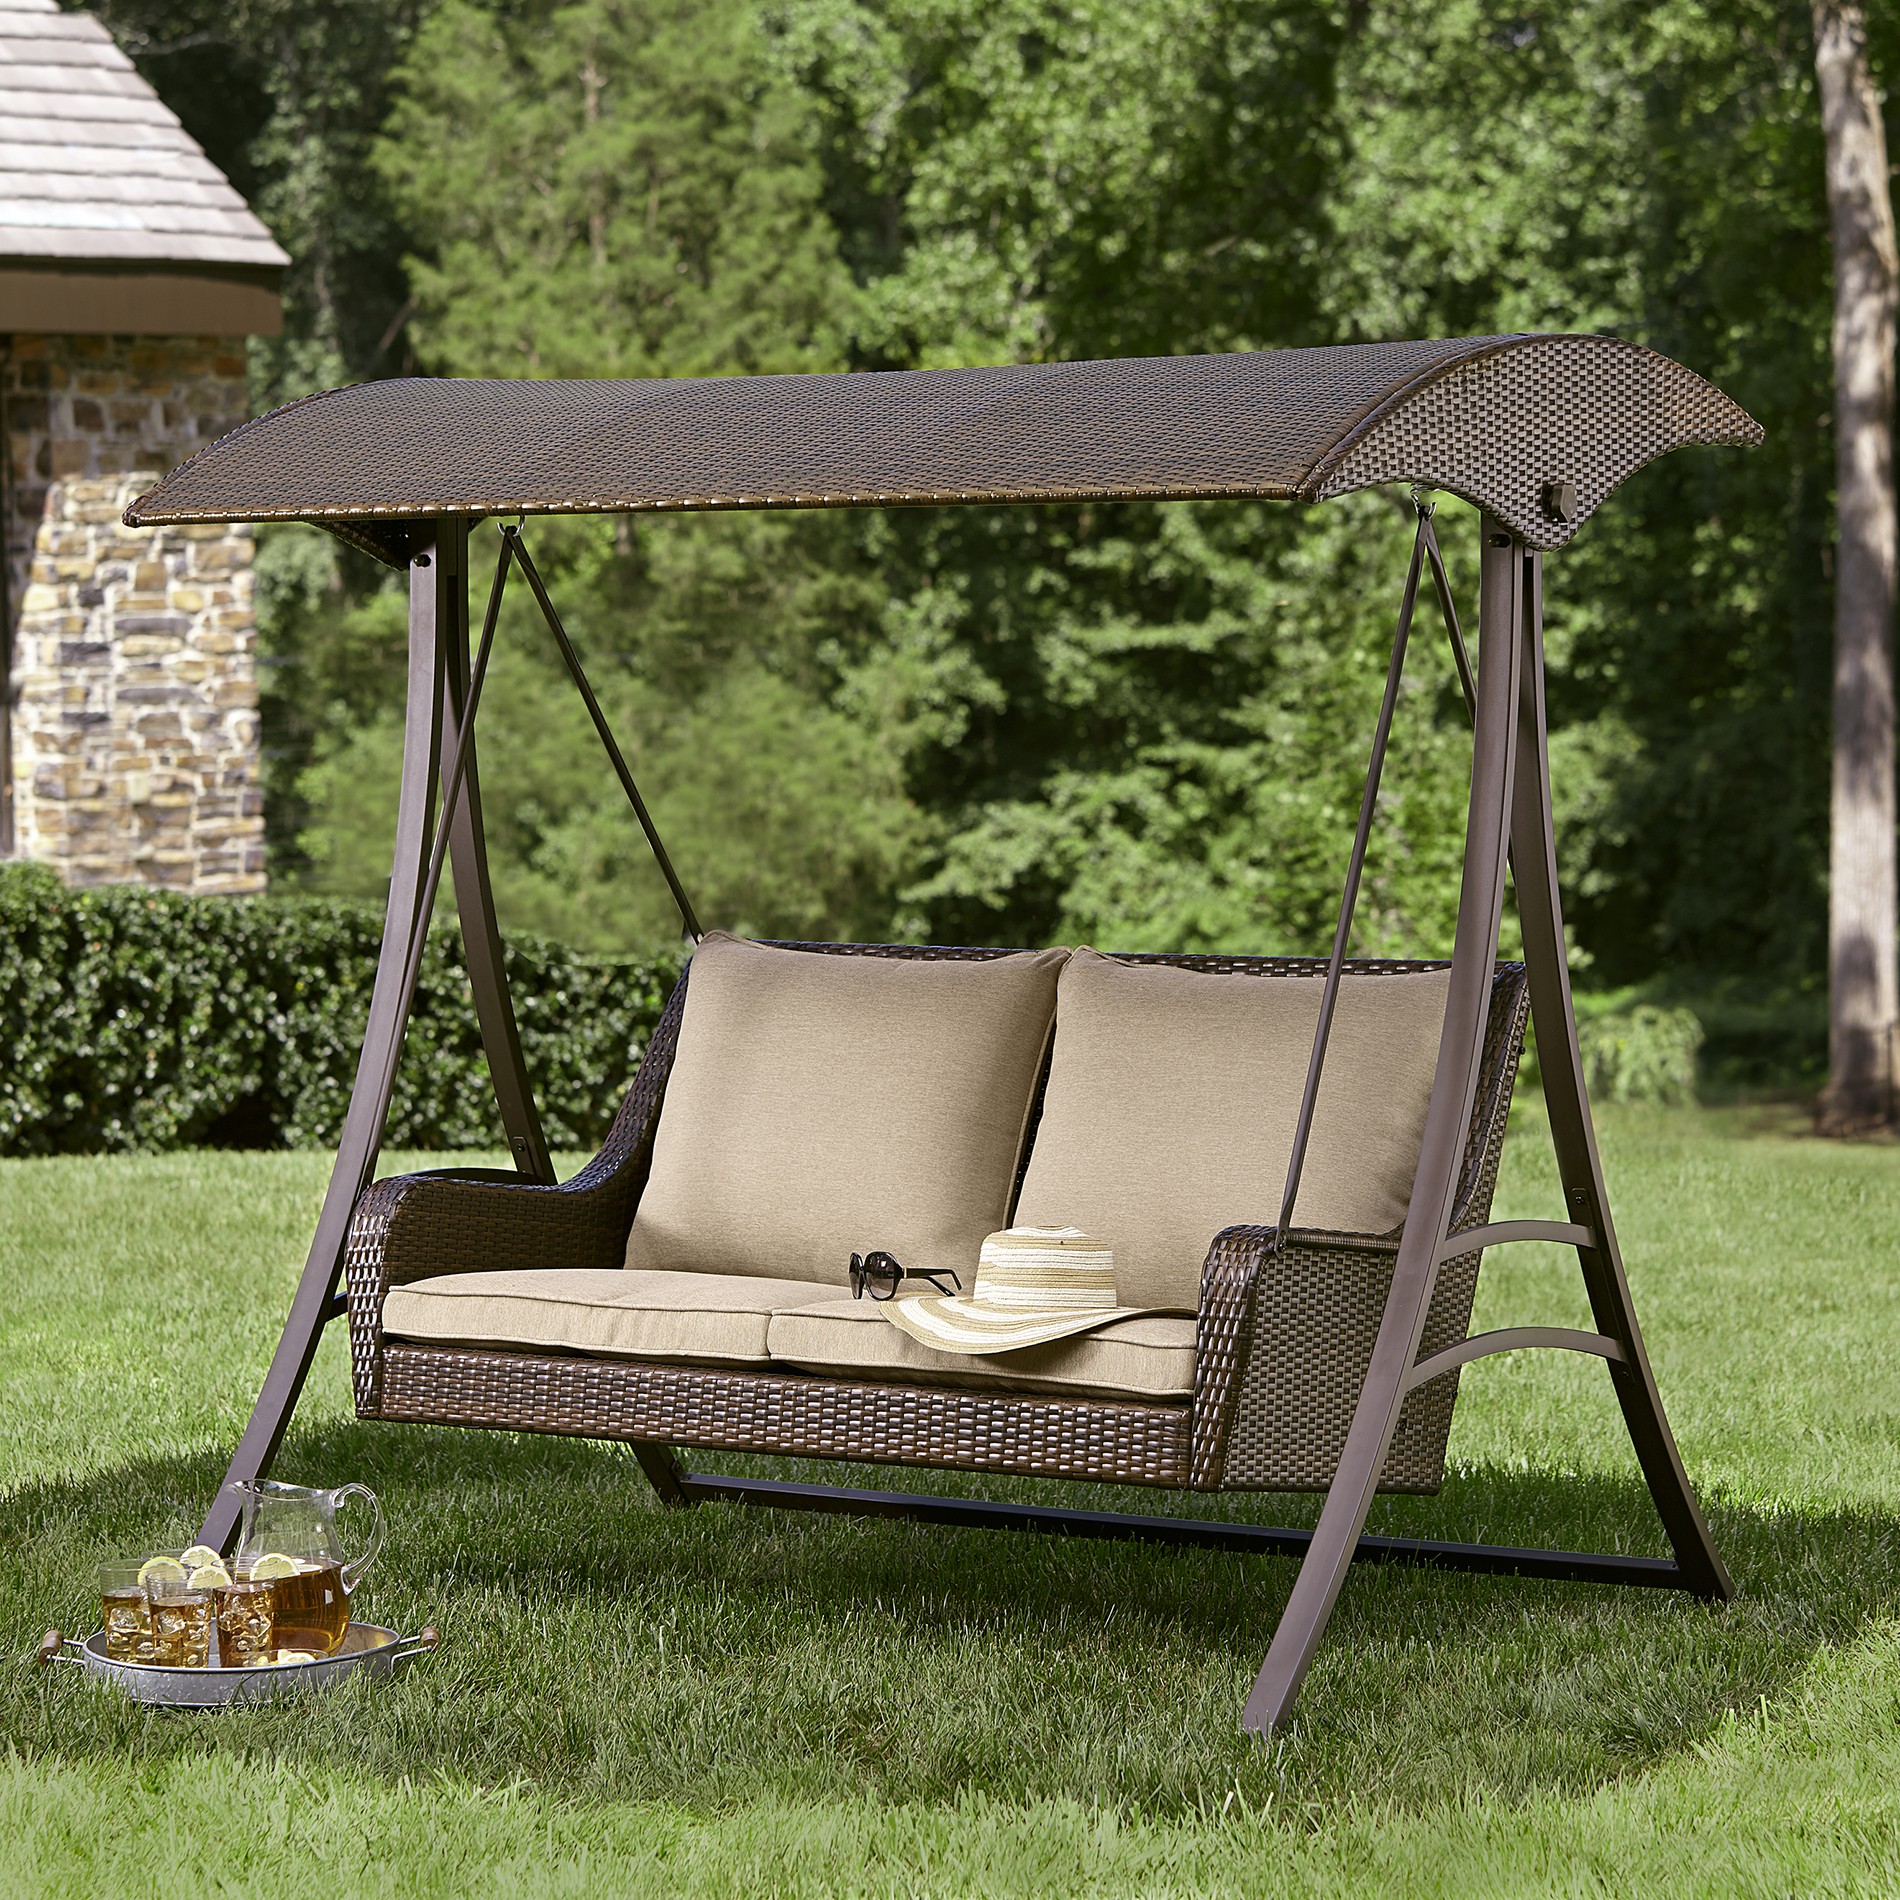 outdoor swings ty pennington style parkside resin wicker swing - limited availability - AKTGMEN